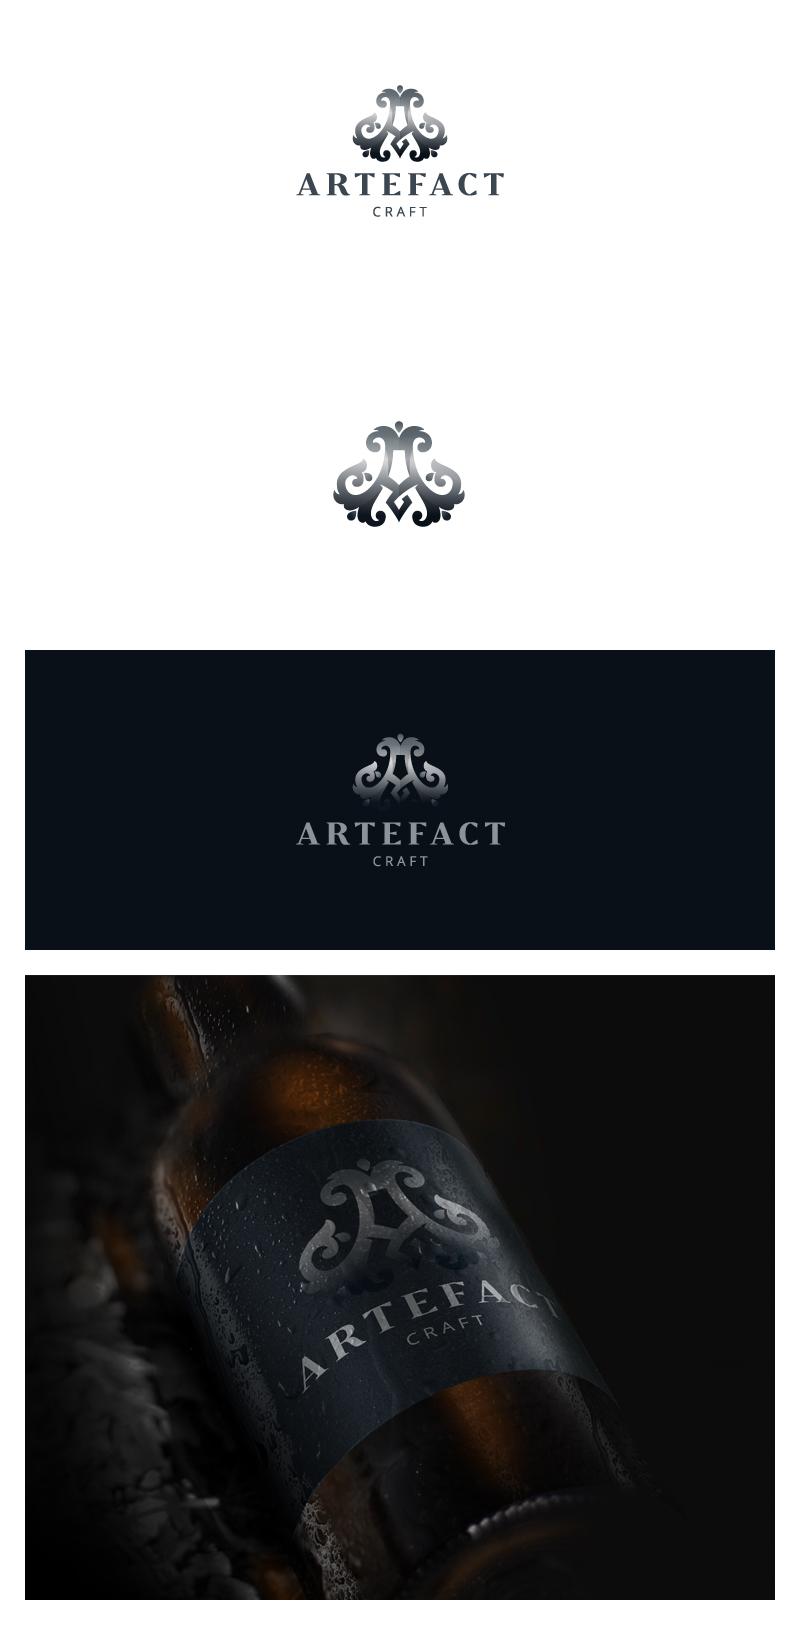 Artefact Craft